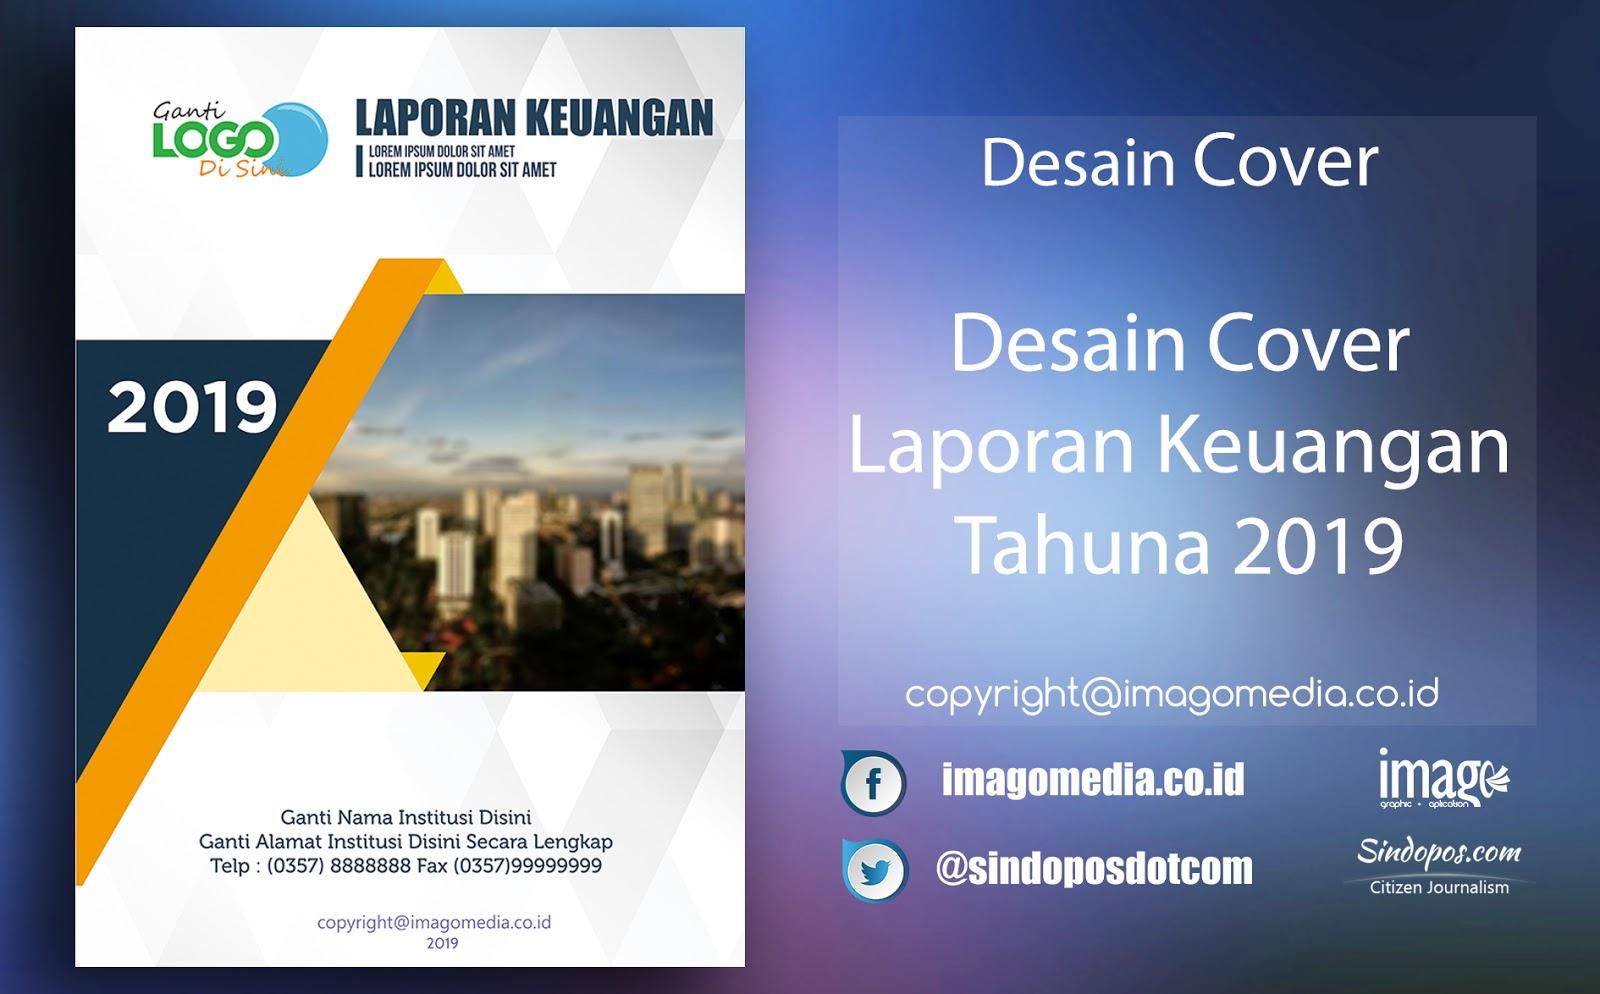 Download Desain Keren Cover Laporan Keuangan Tahunan 2019